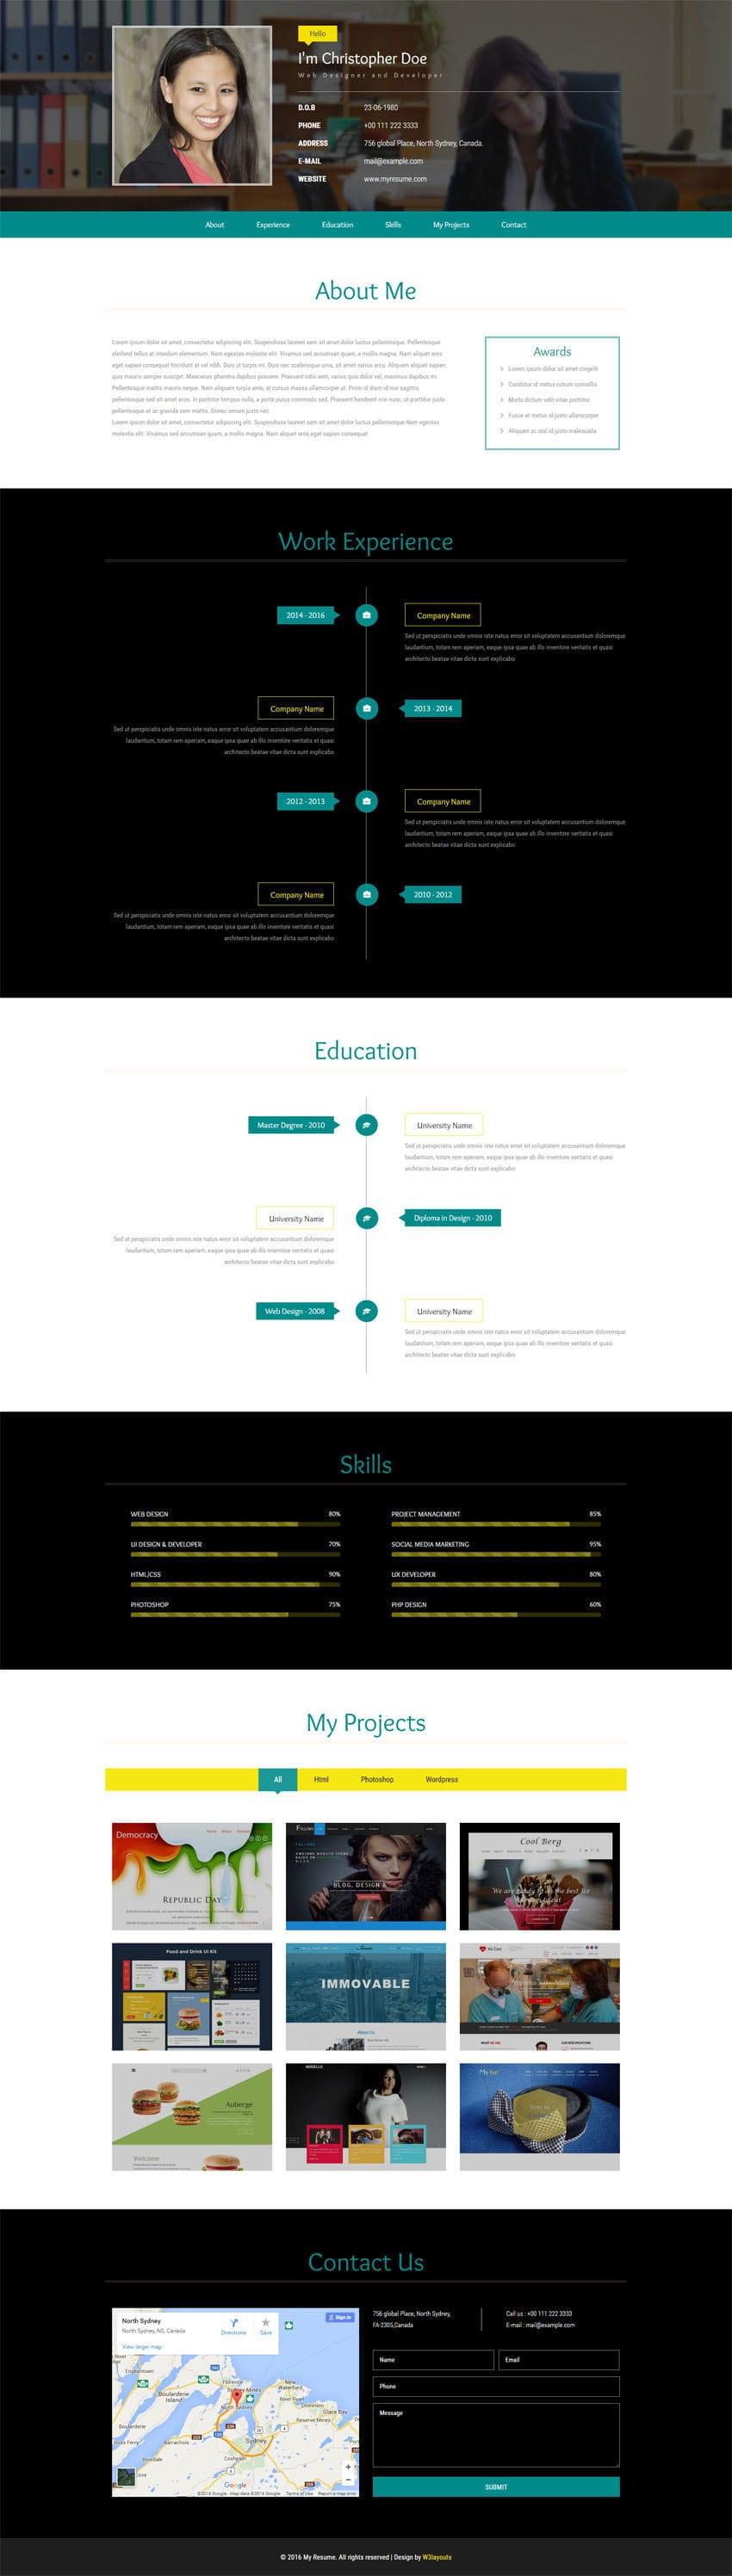 my_resume-full